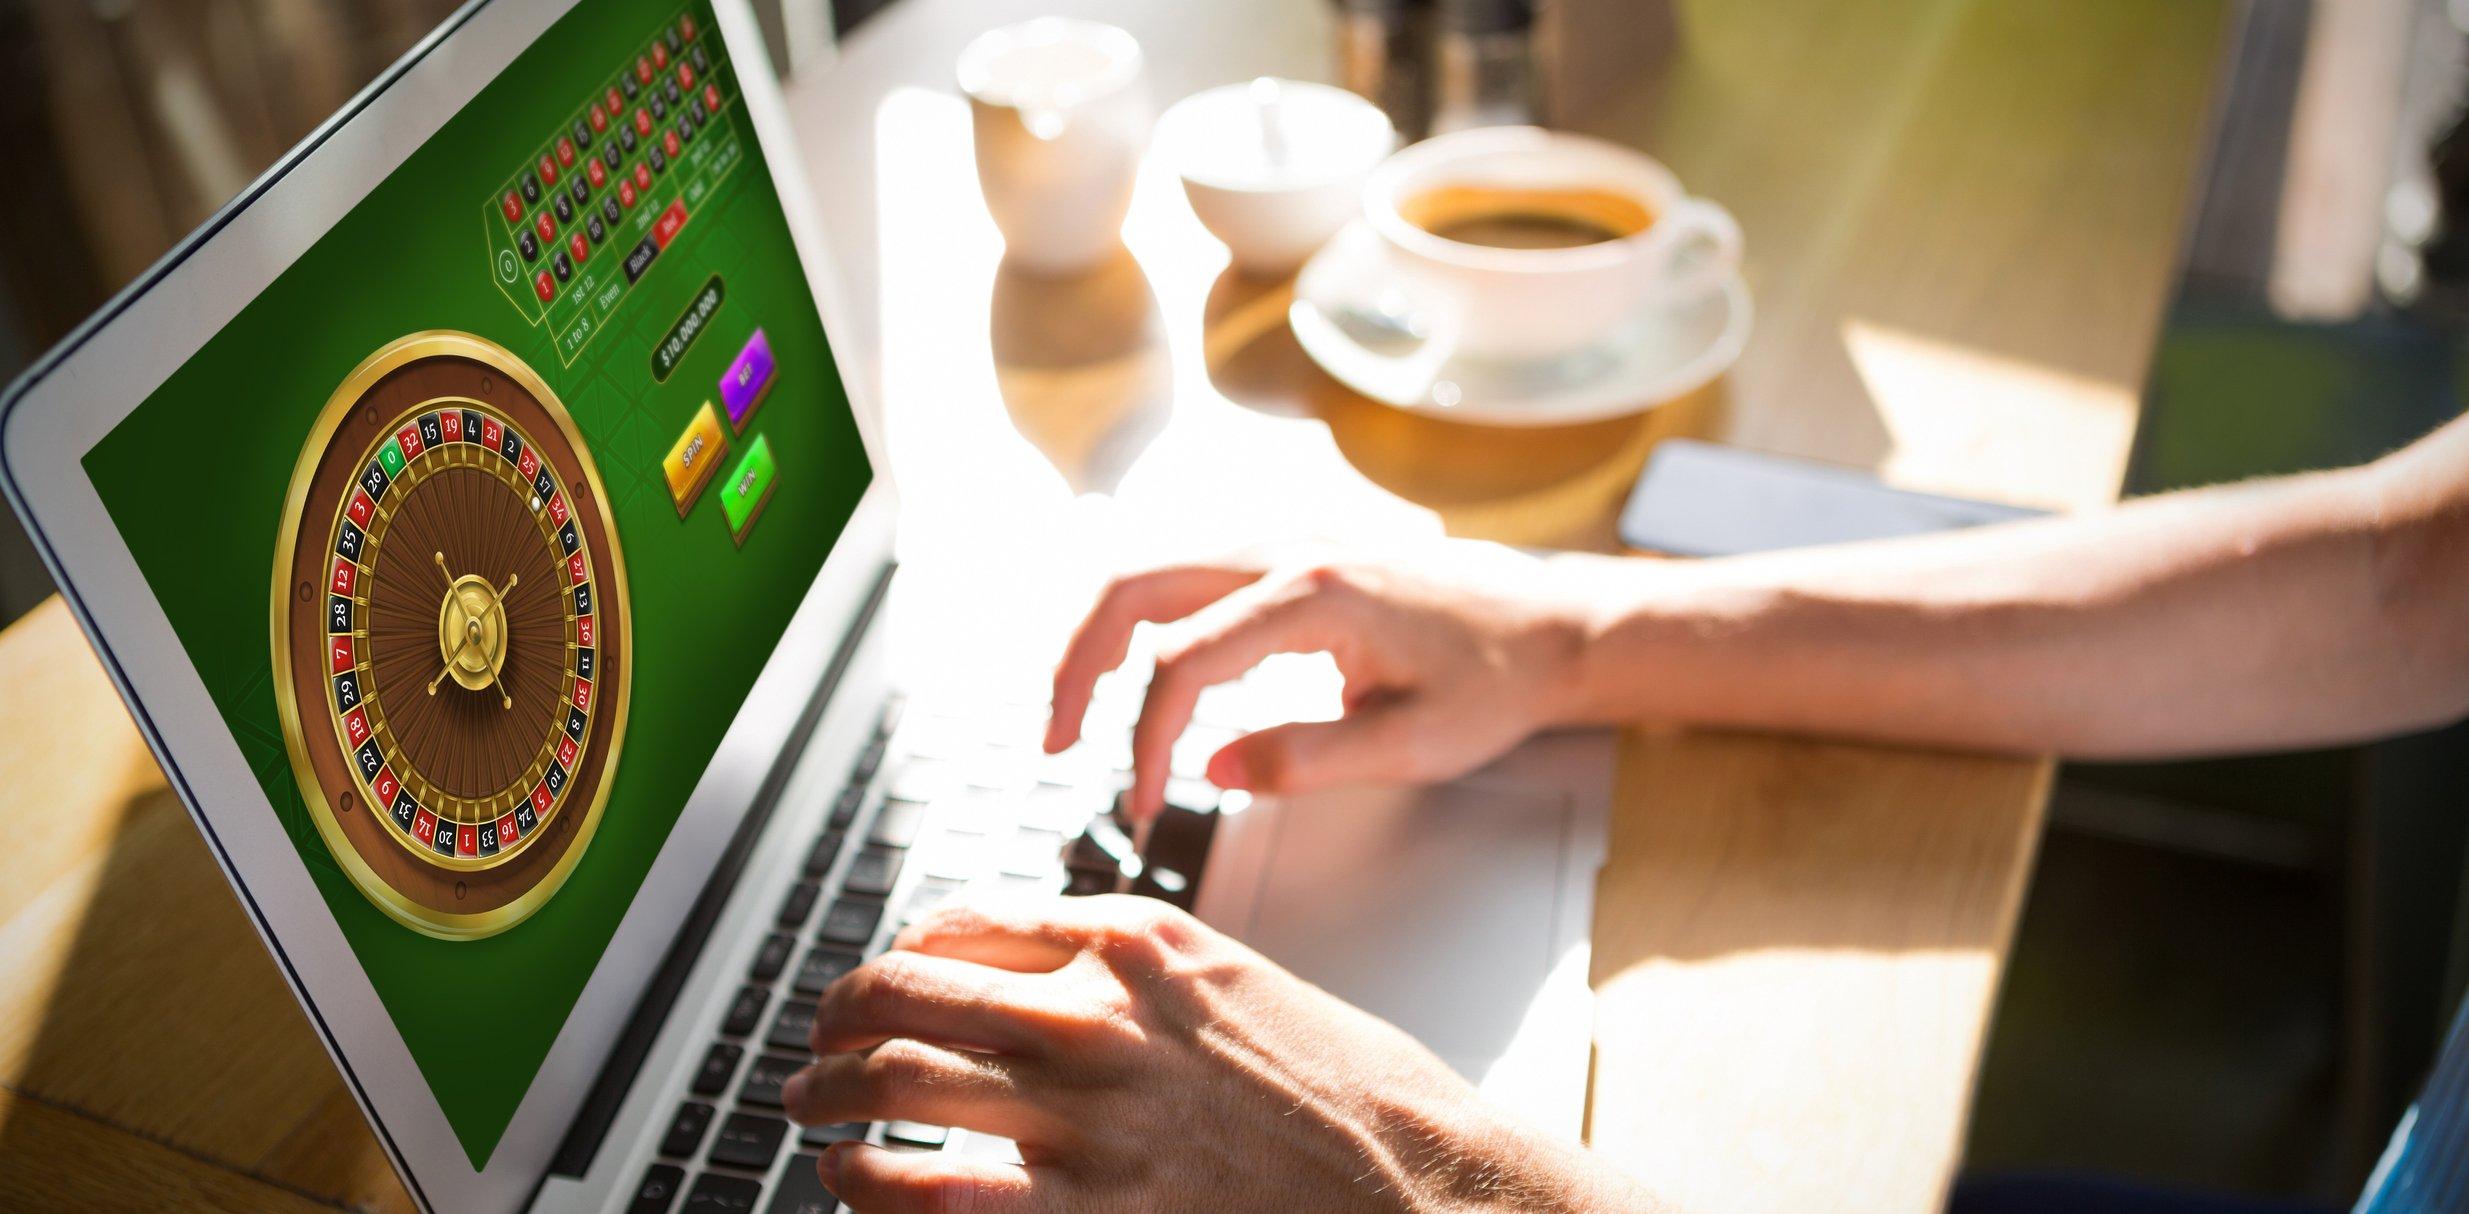 صورة للمقامرة على الإنترنت